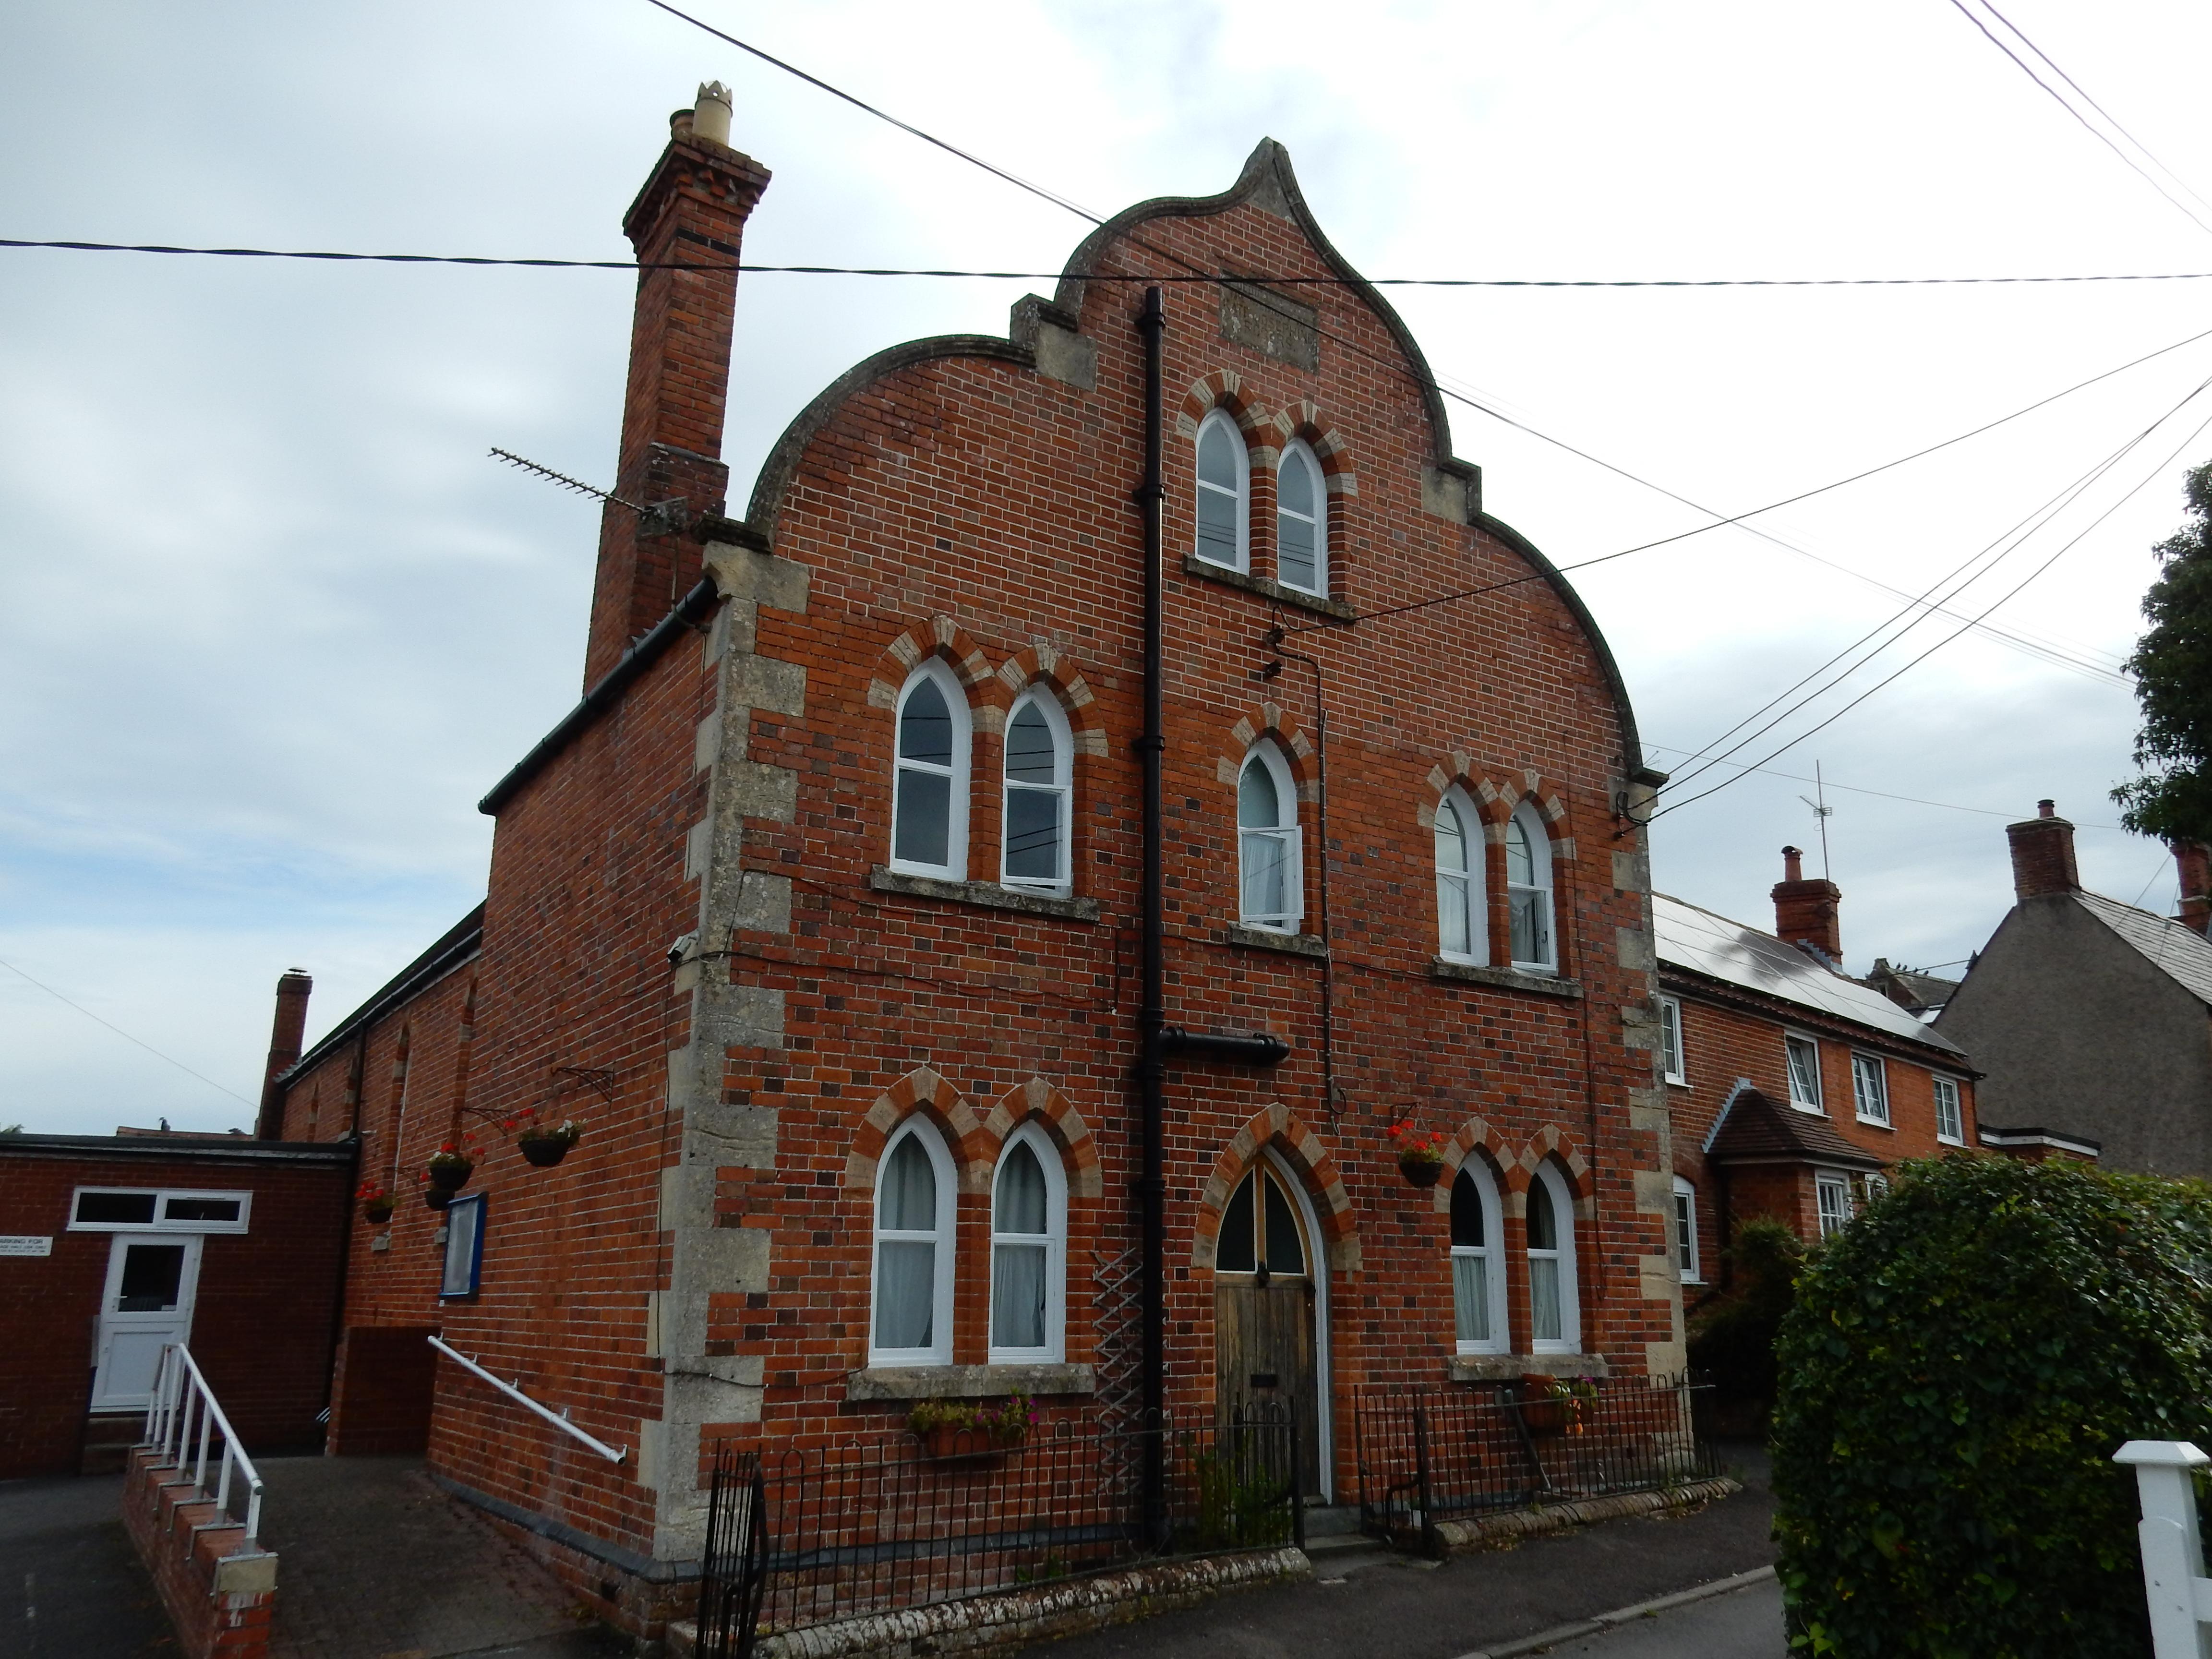 Potterne Village Hall